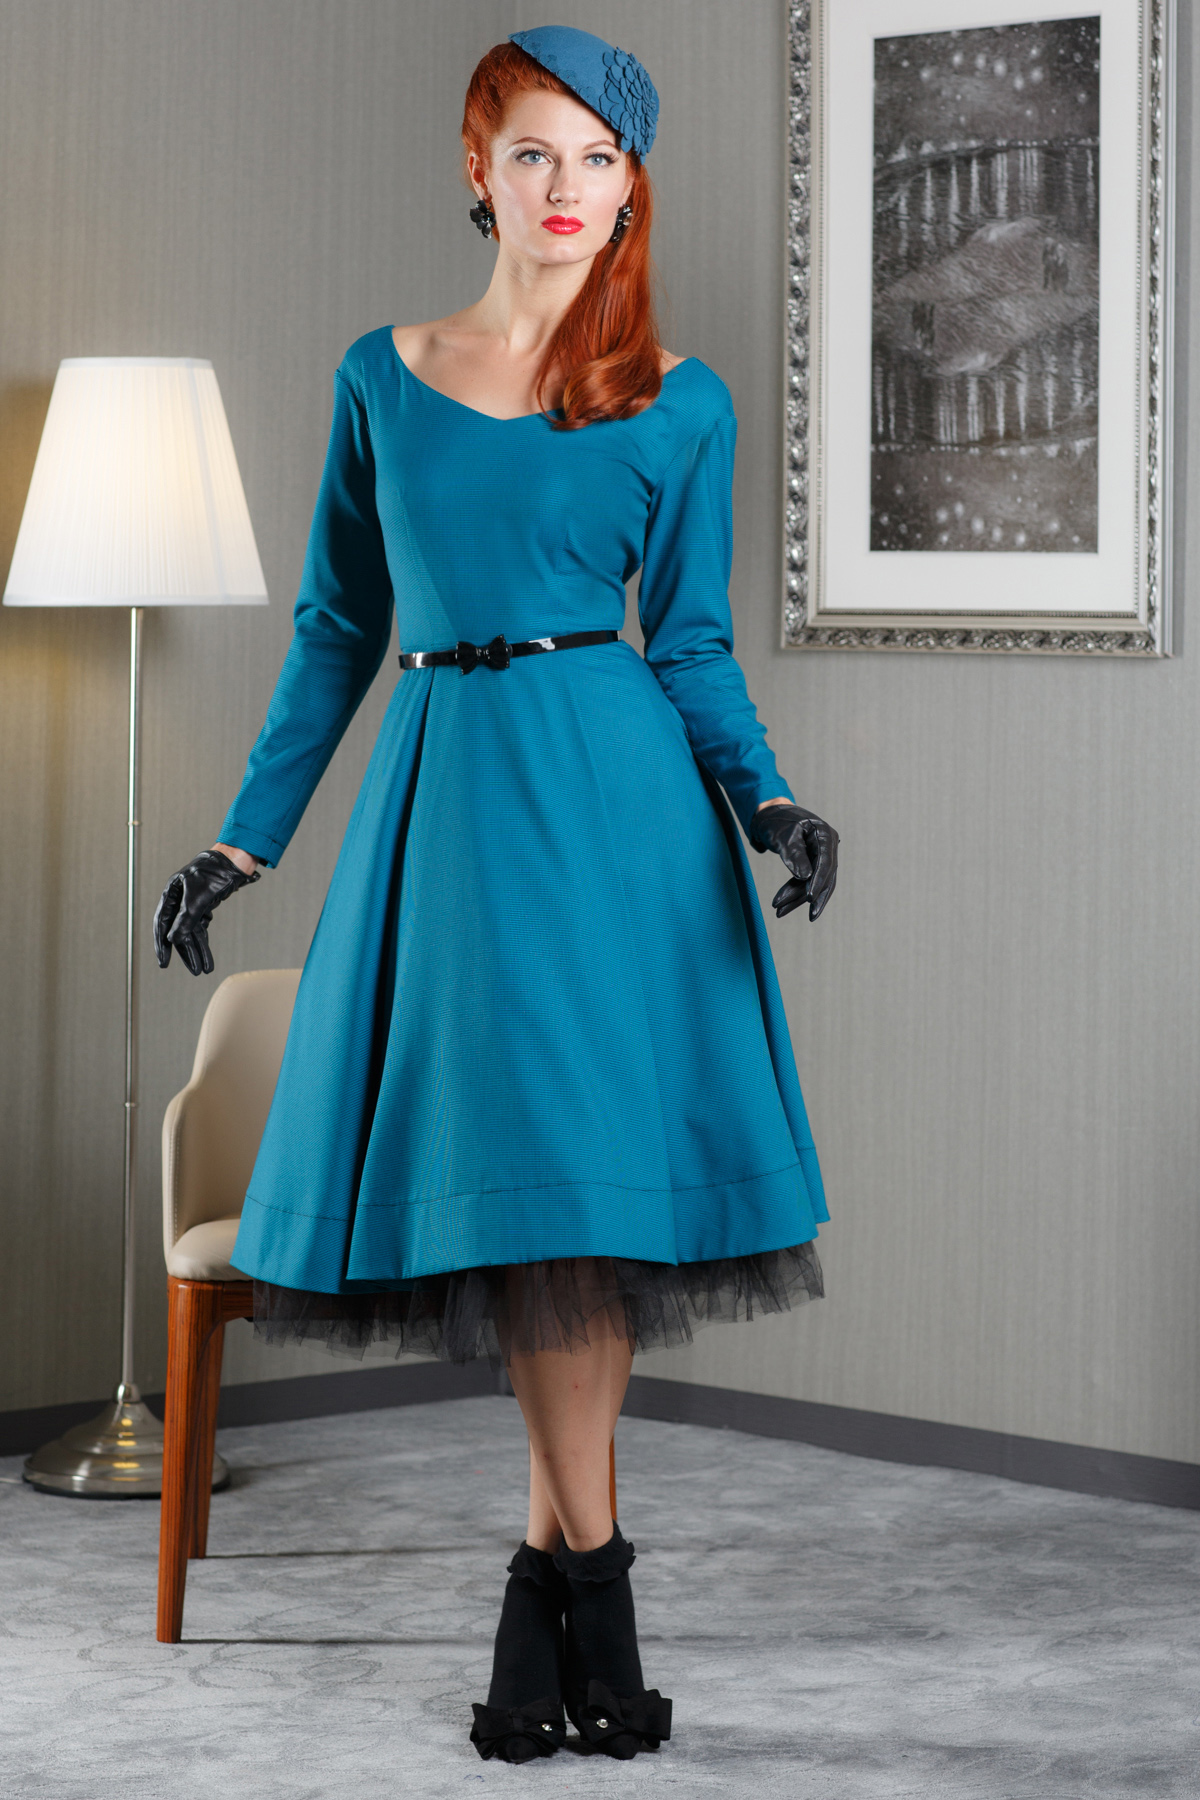 ПлатьеПлатья<br>Платье из костюмной ткани. Необычный крой рукава и спущенное плечо в комплекте с прилегающим верхом и расклешенной юбкой, создают романтичный офисный образ. В комплект изделию входит юбка пачка и ремень контрастного черного цвета.  Платье без пояса  Длина изделия от талии 70 см в готовом виде от талии (для размера 44).  Цвет: синий, черный  Рост девушки-фотомодели 172 см.<br><br>Горловина: V- горловина<br>По длине: Ниже колена<br>По материалу: Костюмные ткани<br>По образу: Свидание,Выход в свет<br>По рисунку: Однотонные<br>По сезону: Зима,Весна,Осень<br>По силуэту: Полуприталенные<br>По стилю: Нарядный стиль,Винтаж,Классический стиль,Романтический стиль<br>По форме: Платье - трапеция<br>По элементам: С декором,С подкладом,С фигурным низом,Со складками<br>Рукав: Длинный рукав<br>Размер : 44<br>Материал: Костюмно-плательная ткань<br>Количество в наличии: 1